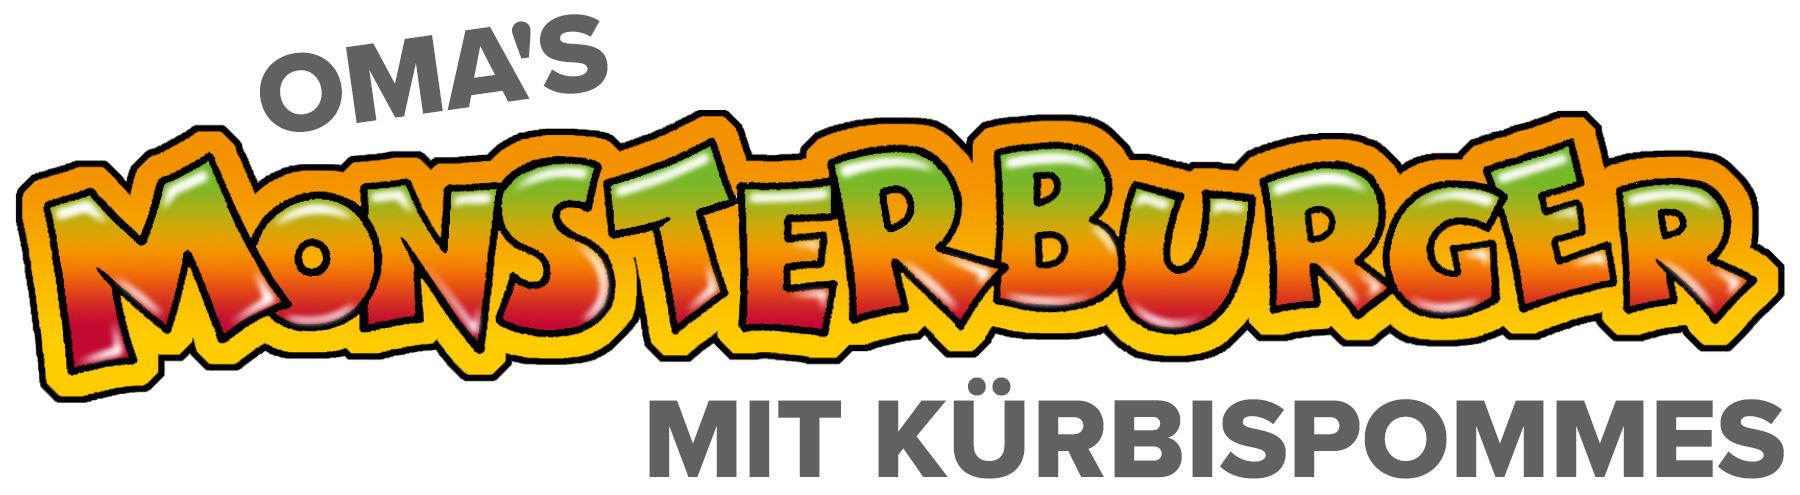 vroni_omas_monsterburger_mit_kuerbispommes_1